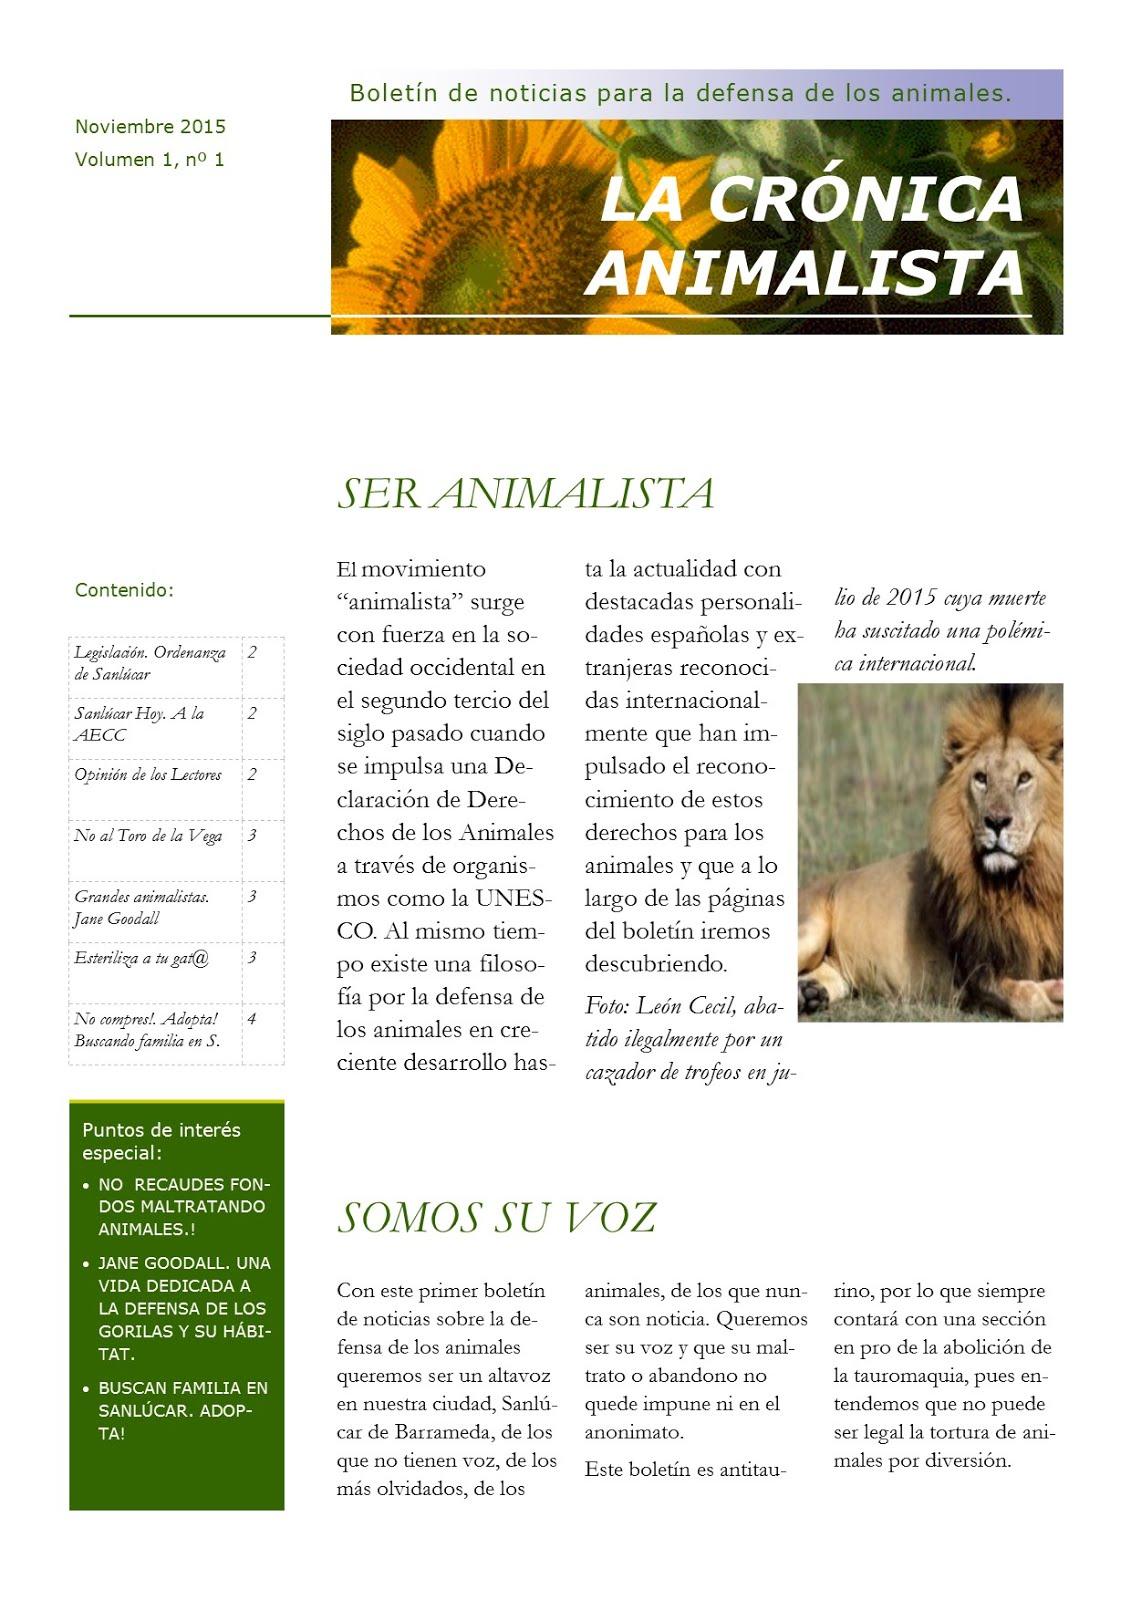 La Crónica Animalista. Boletín para la defensa de los animales.